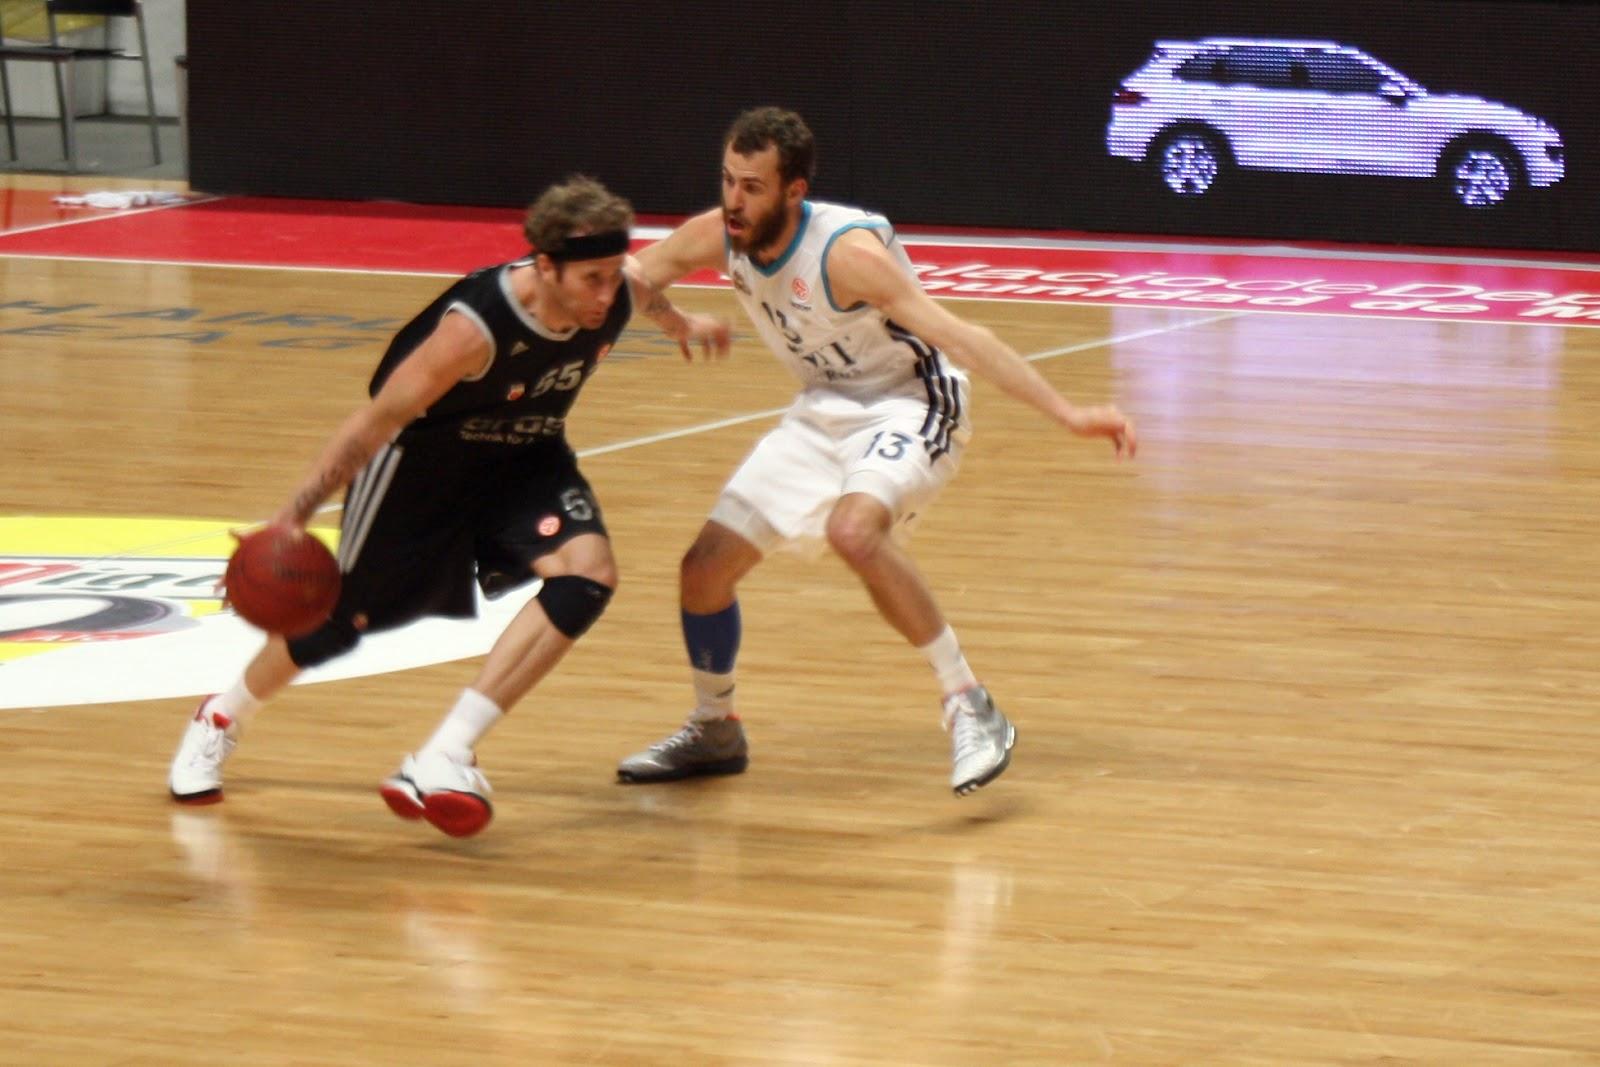 Imágenes: Alberto Nevado / jerky j kickers Federación Española de Baloncesto.